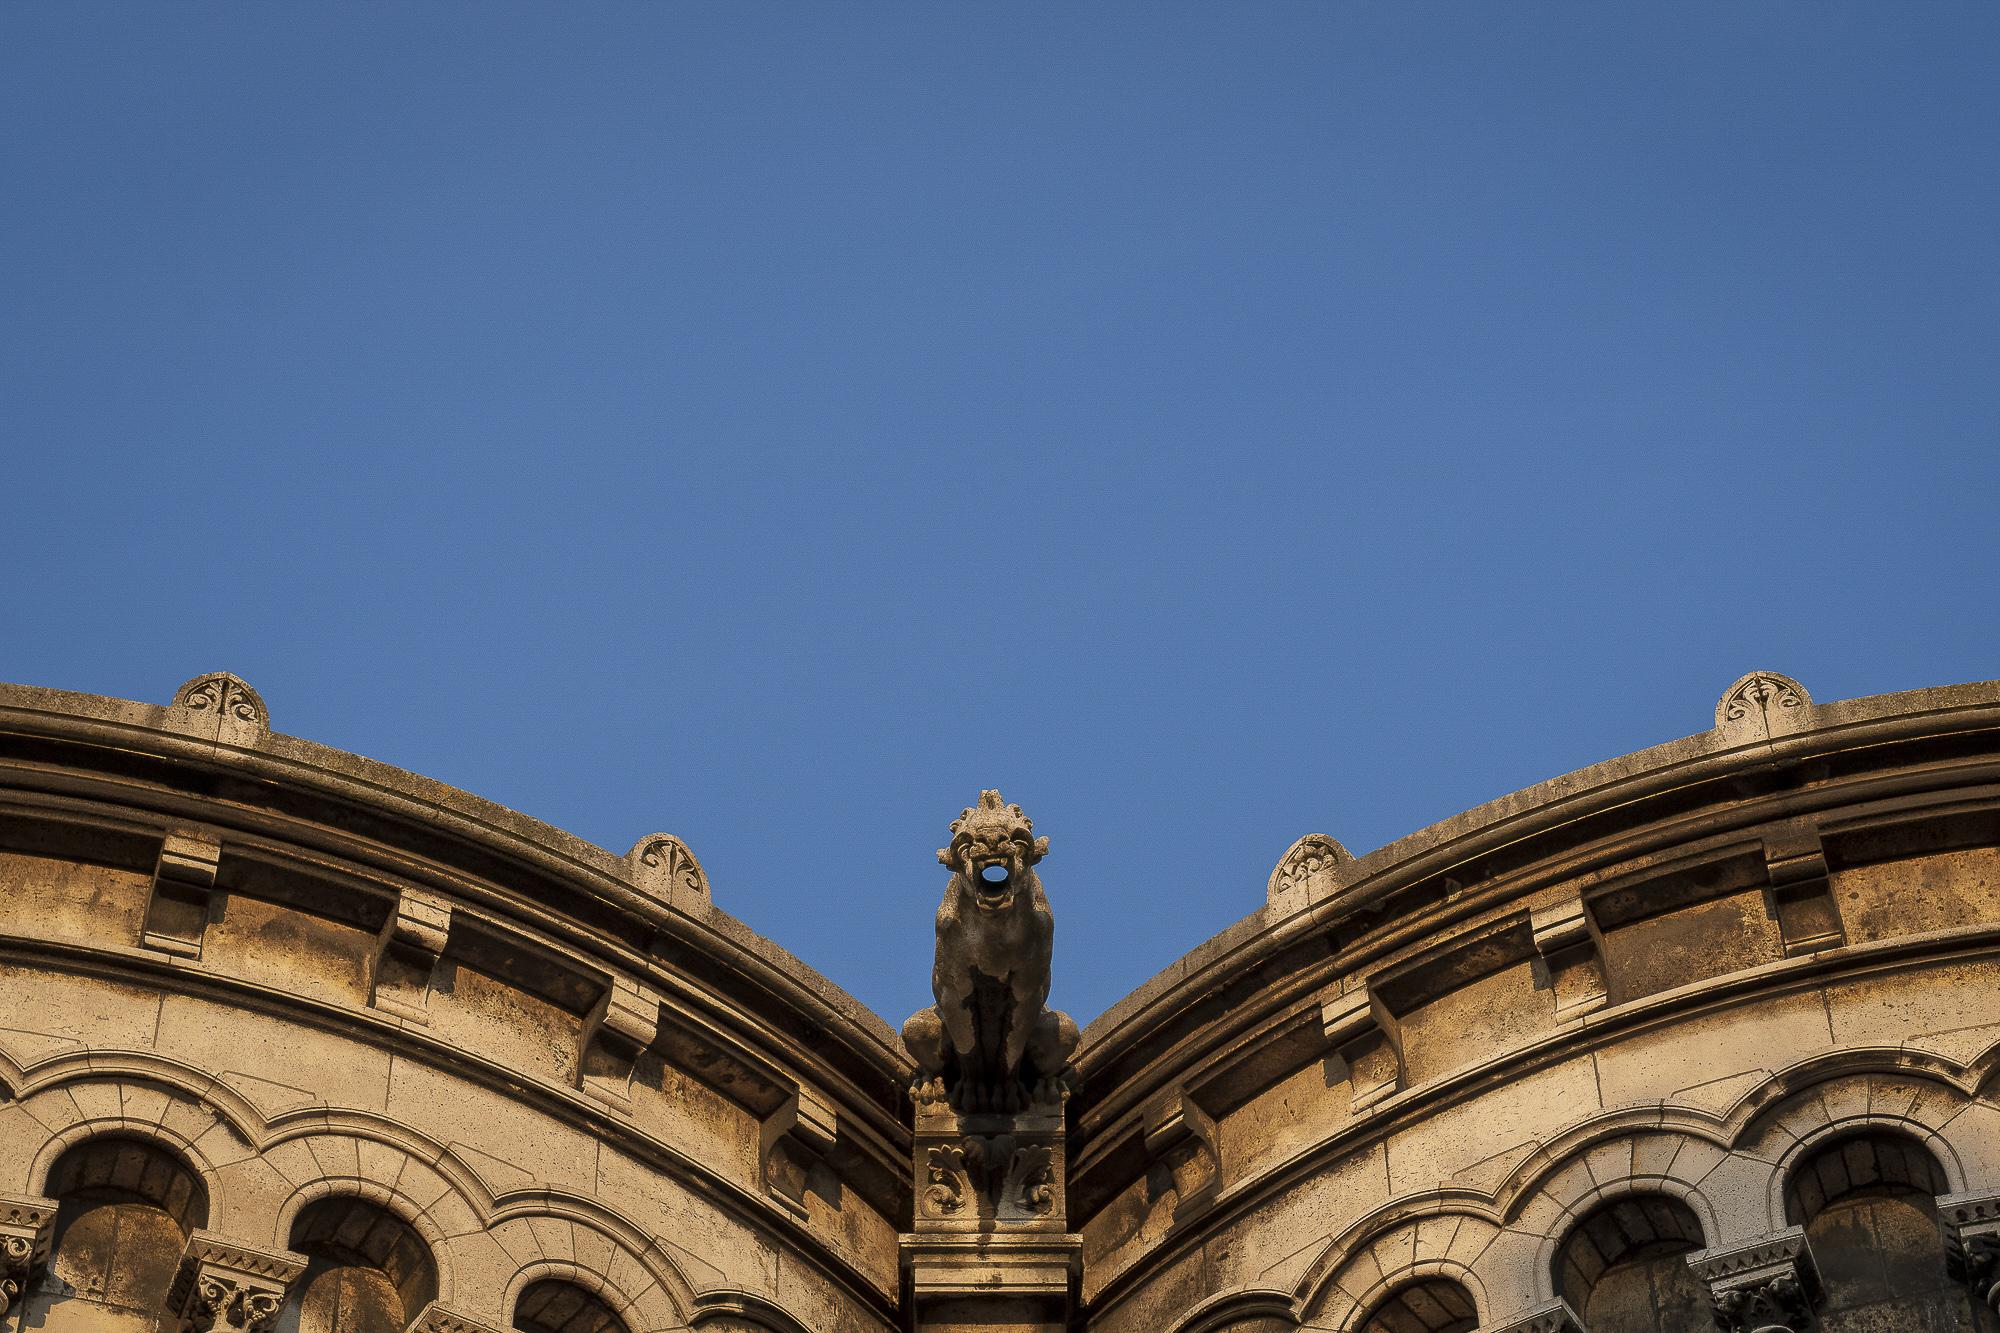 paris-extended-photo-tour-005.jpg